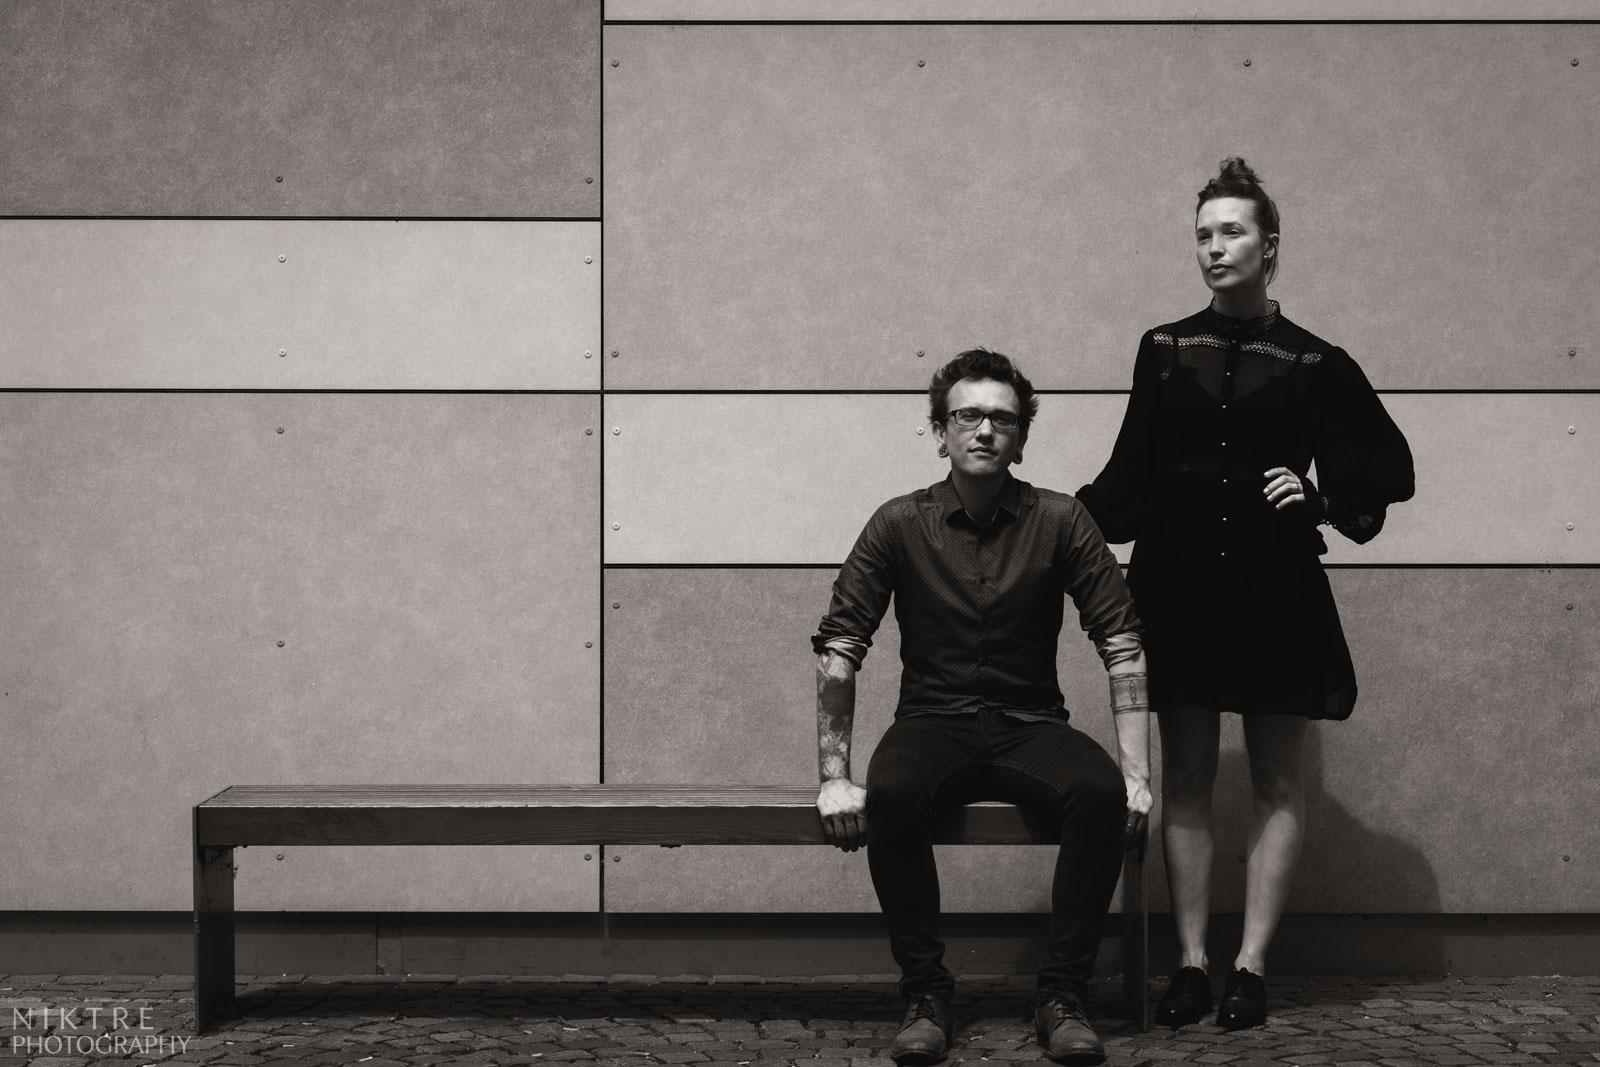 Schwarz-weisses Foto vom charismatischen Paar in Mainz